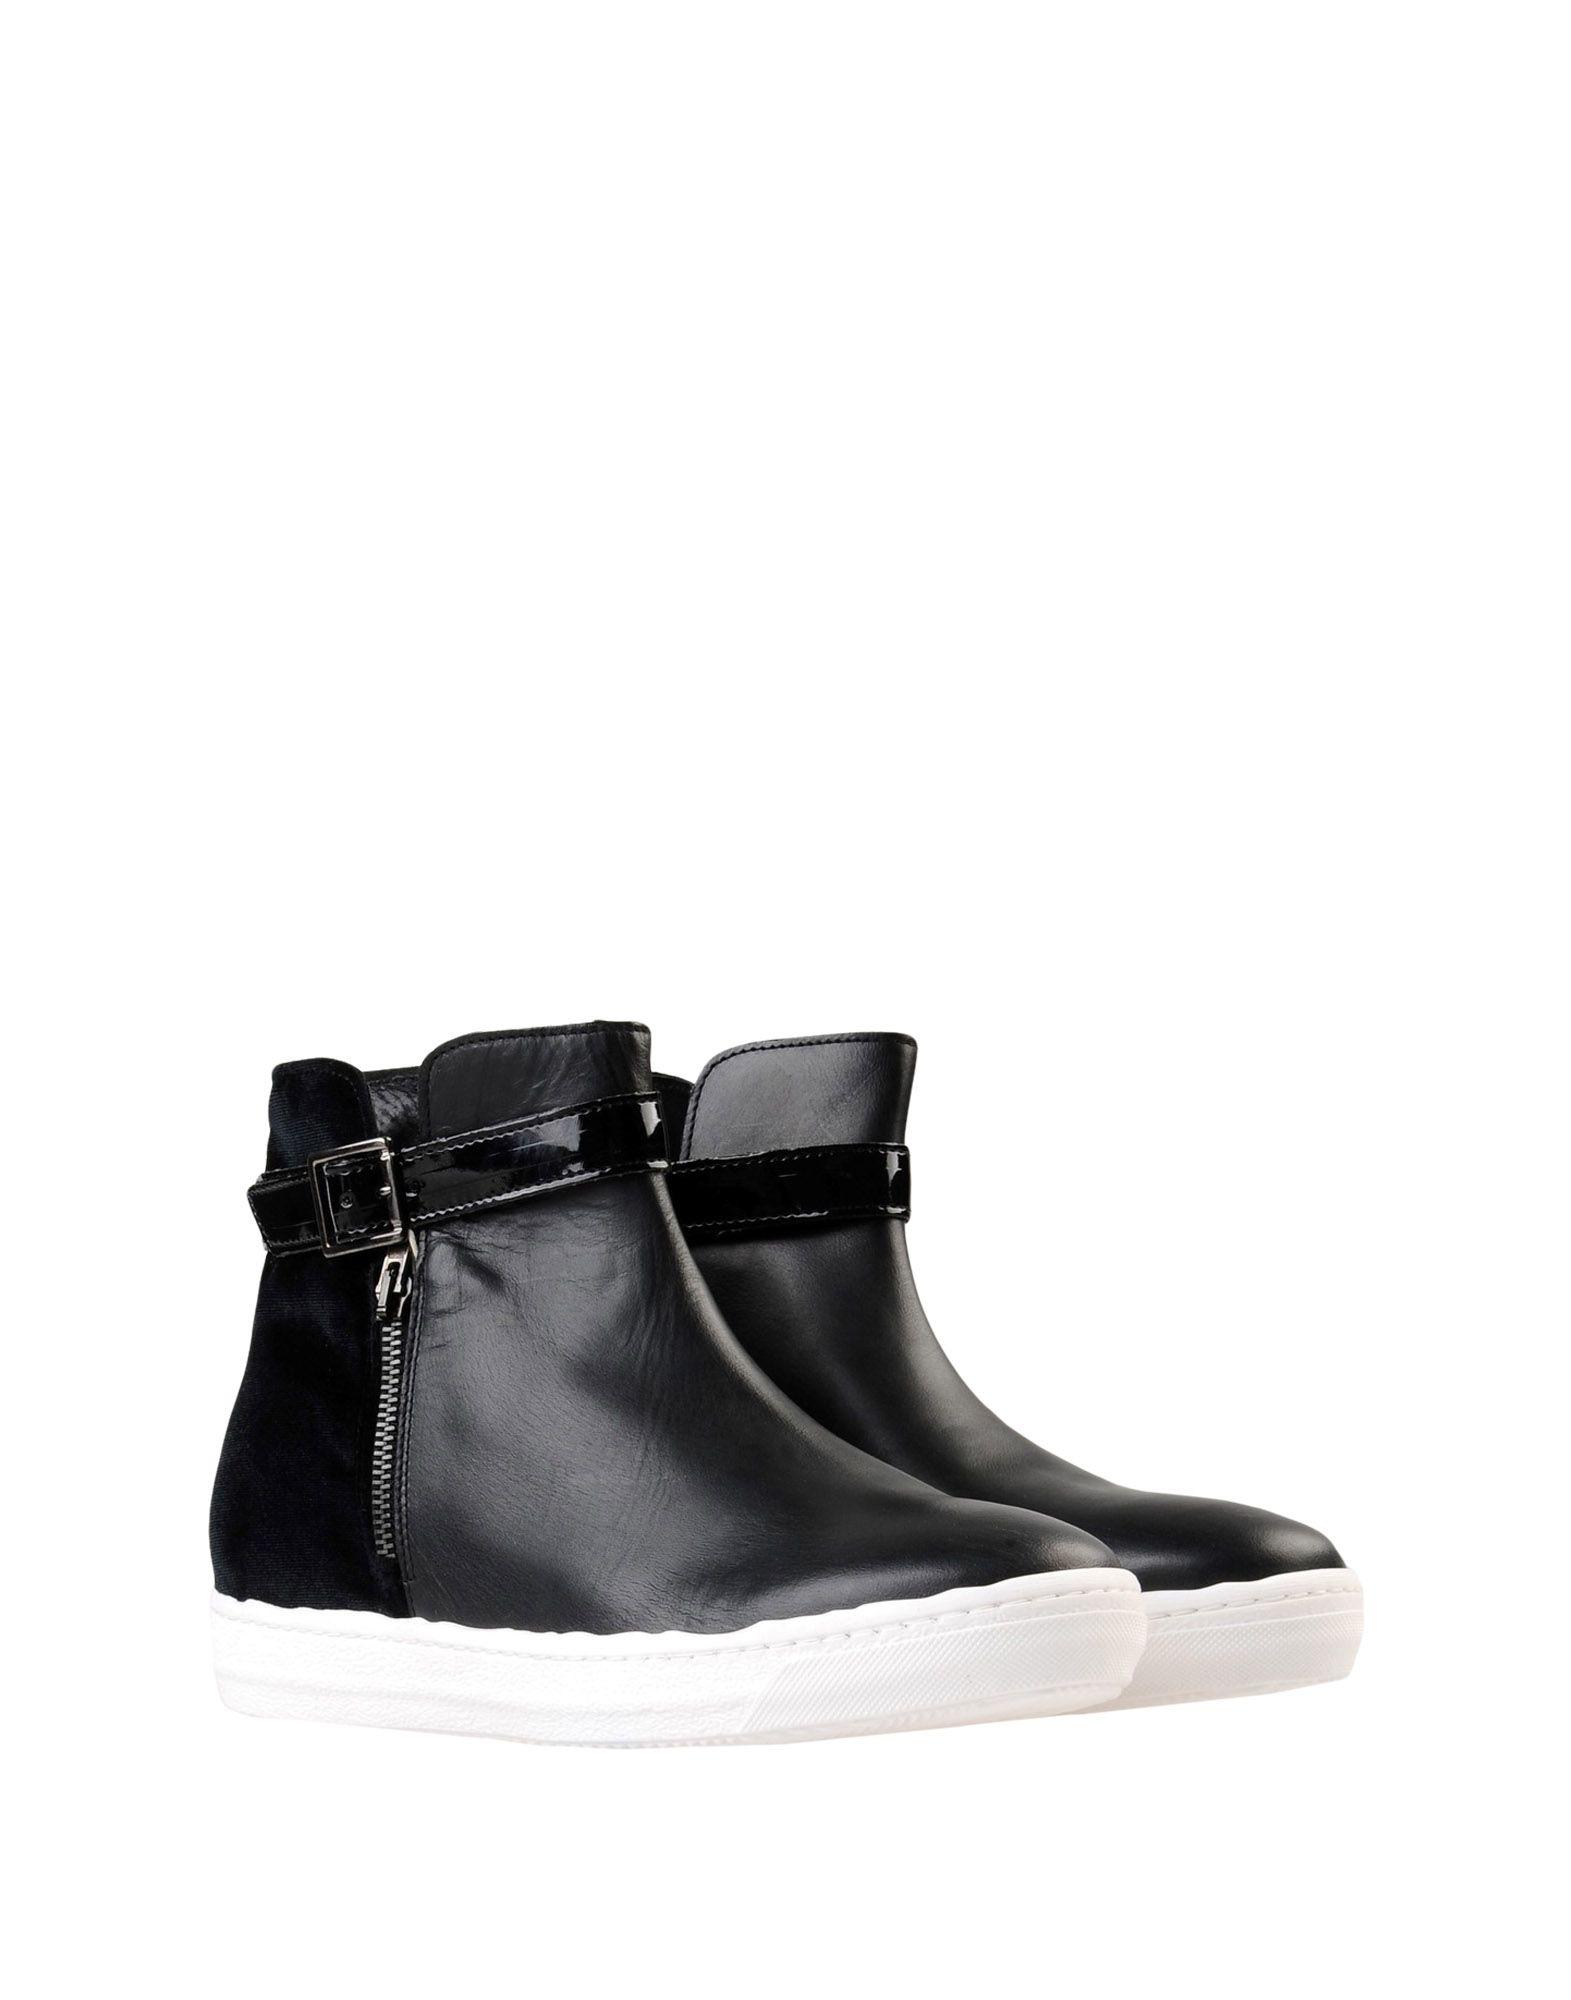 Jolie By Edward Spiers Sneakers Damen  11540272WX Schuhe Gute Qualität beliebte Schuhe 11540272WX faf79c